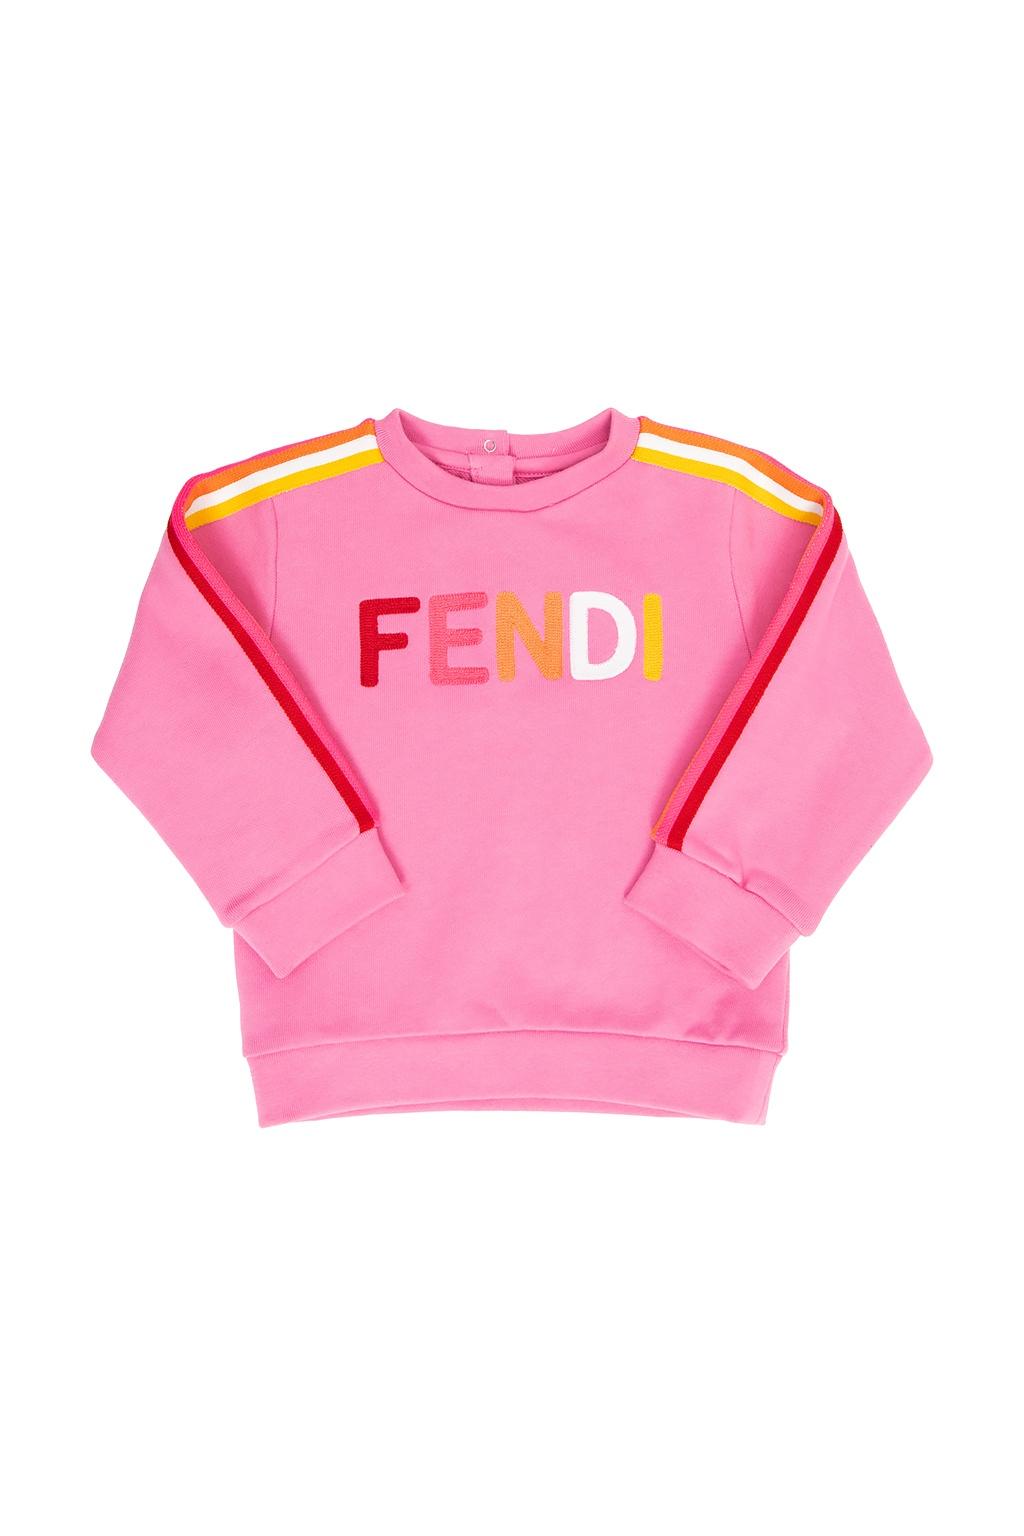 Fendi Kids 品牌运动衫